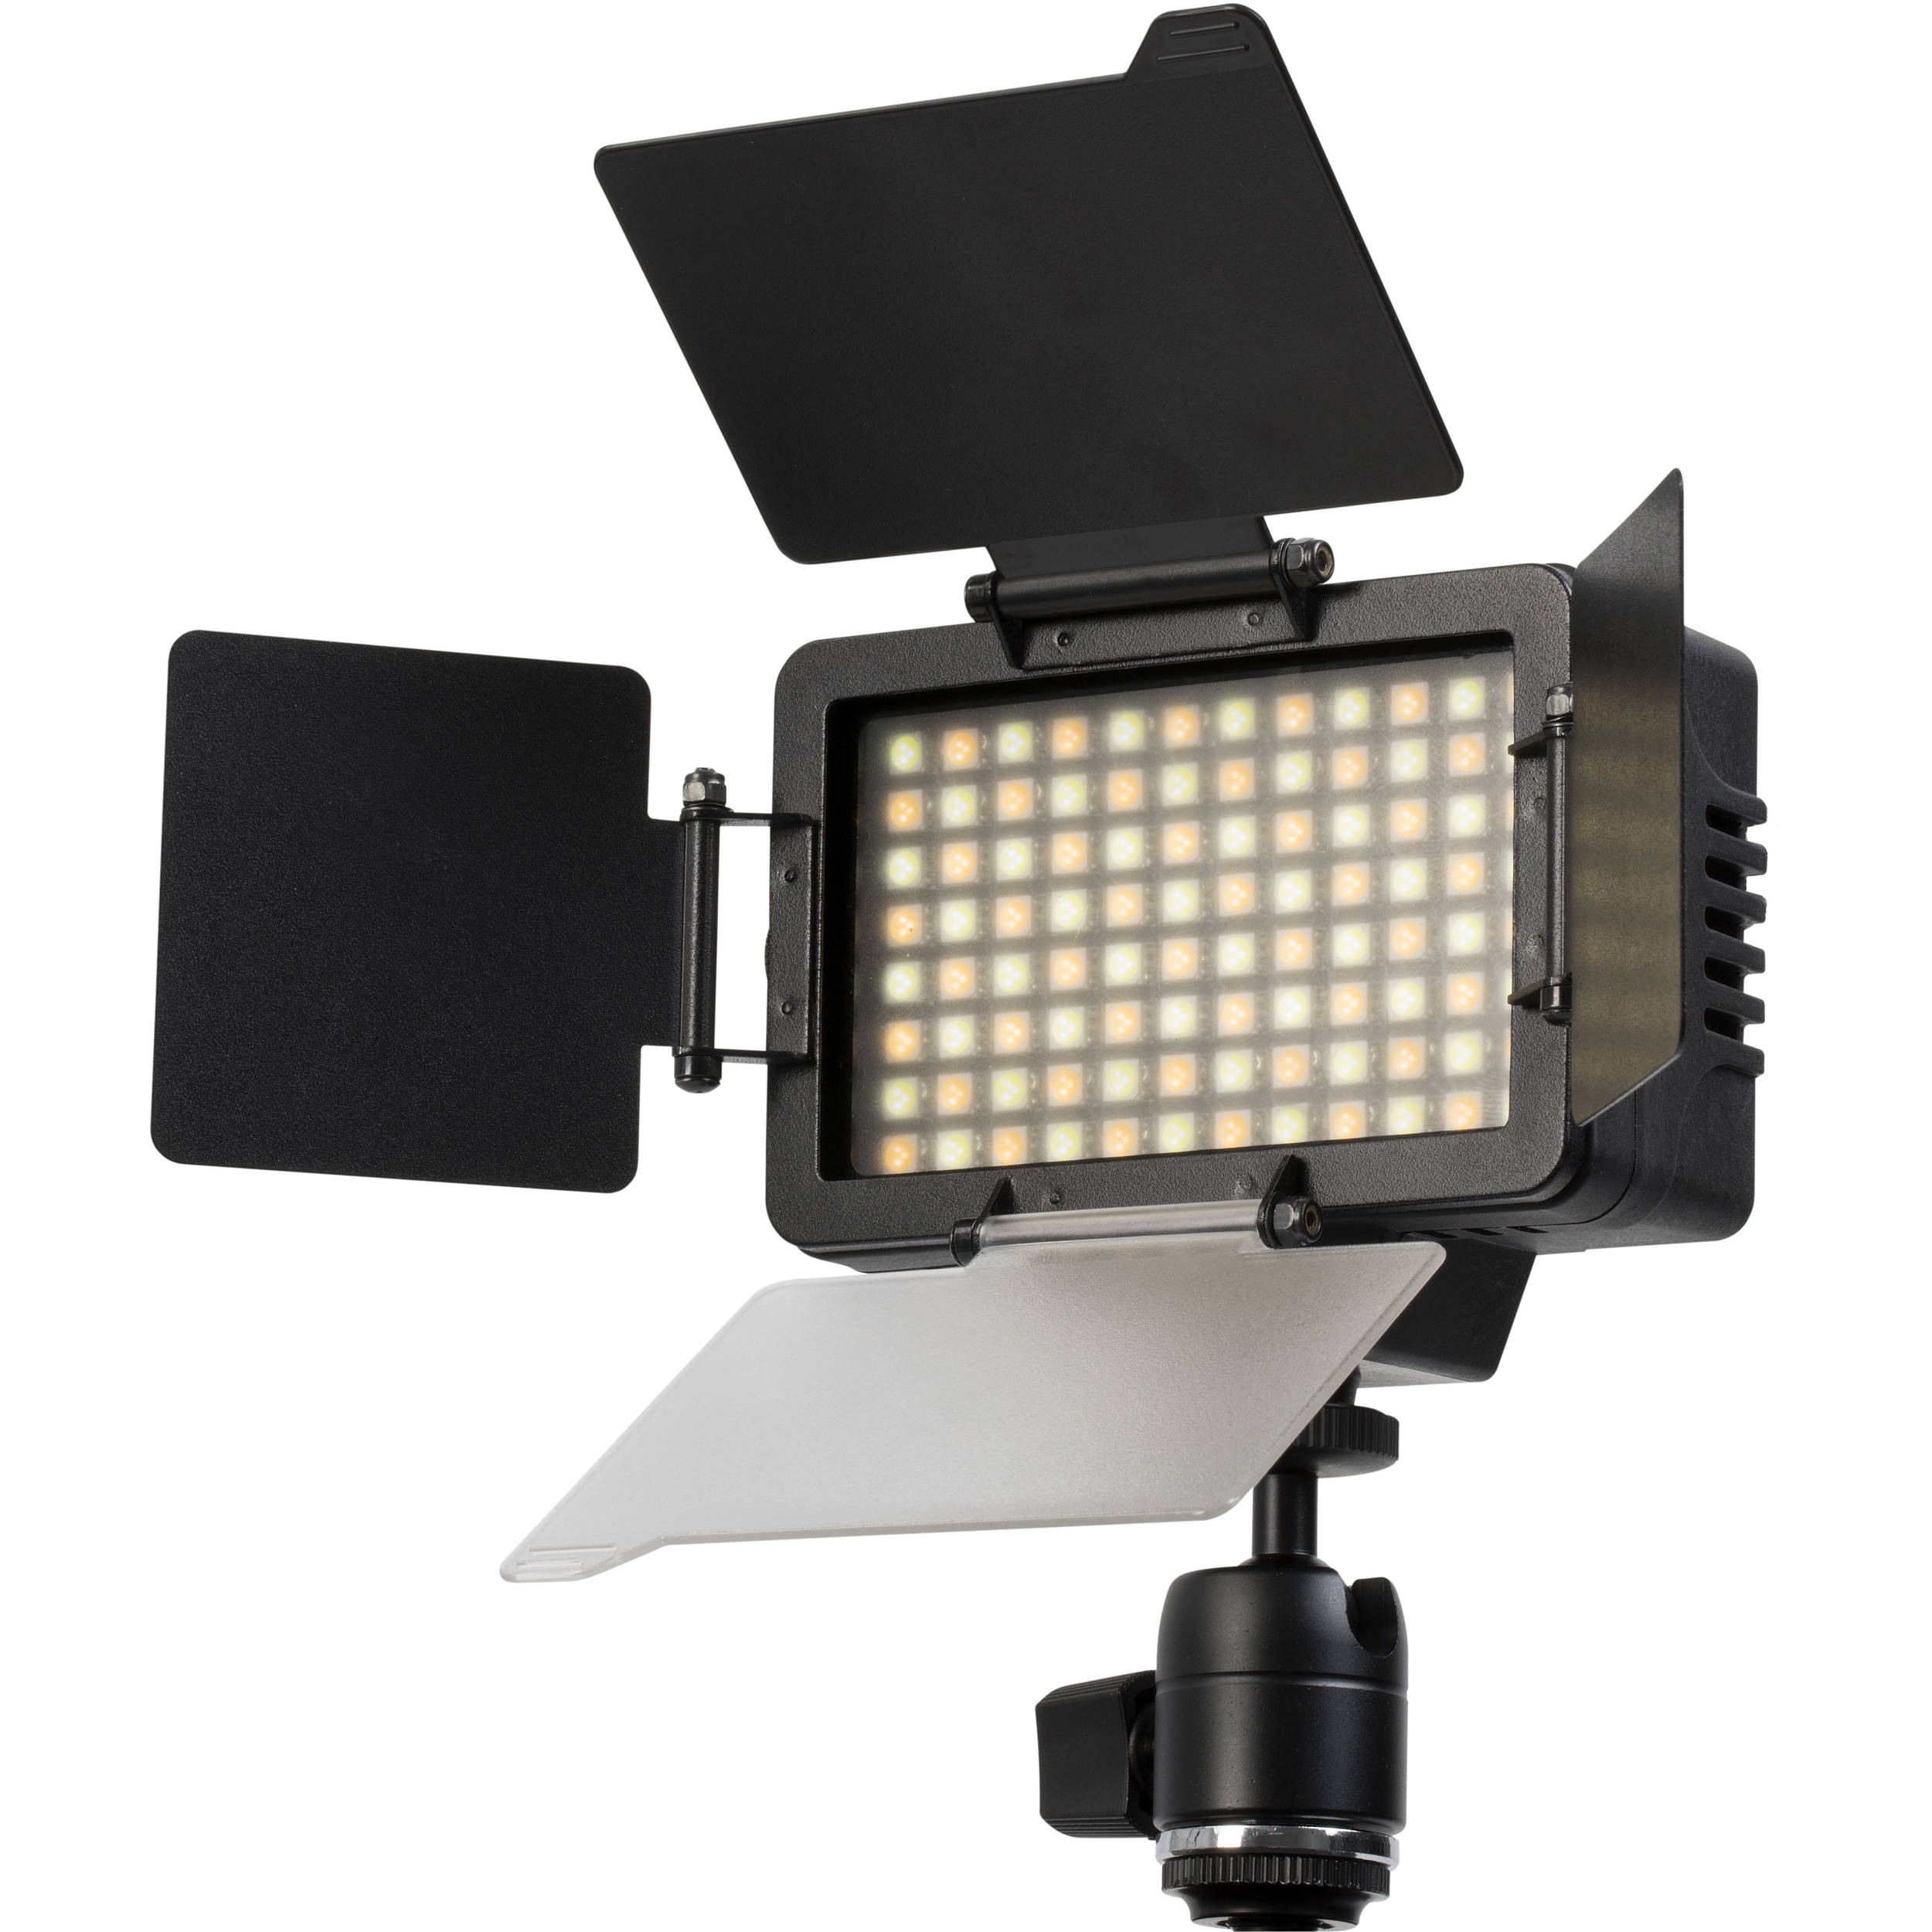 Alphatron Tristar 4 On Camera Bi Color Led Light Alp Tristar 4